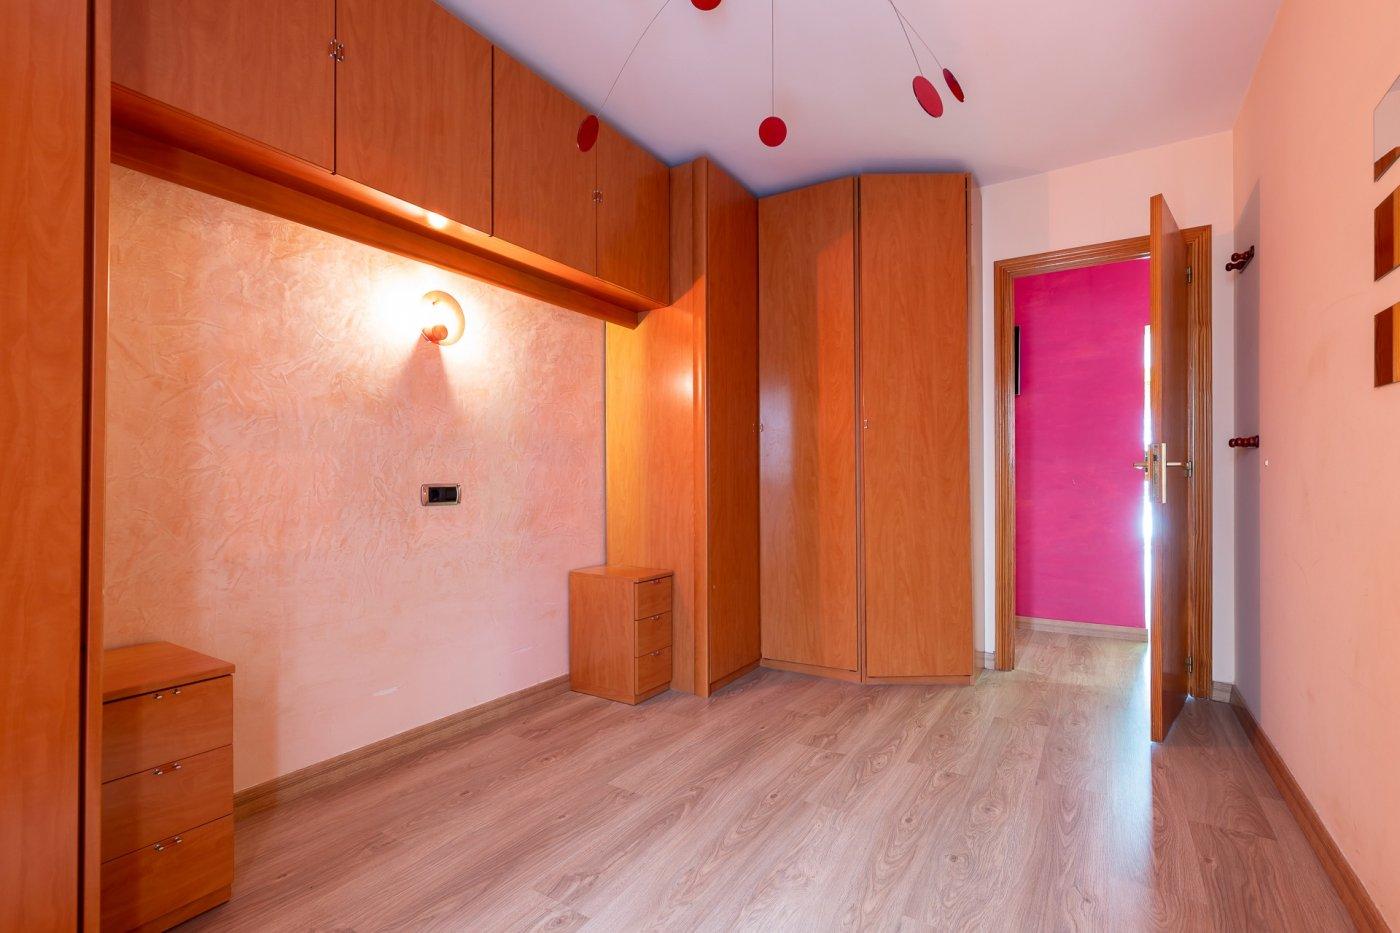 Interesante piso en el rafal - imagenInmueble16